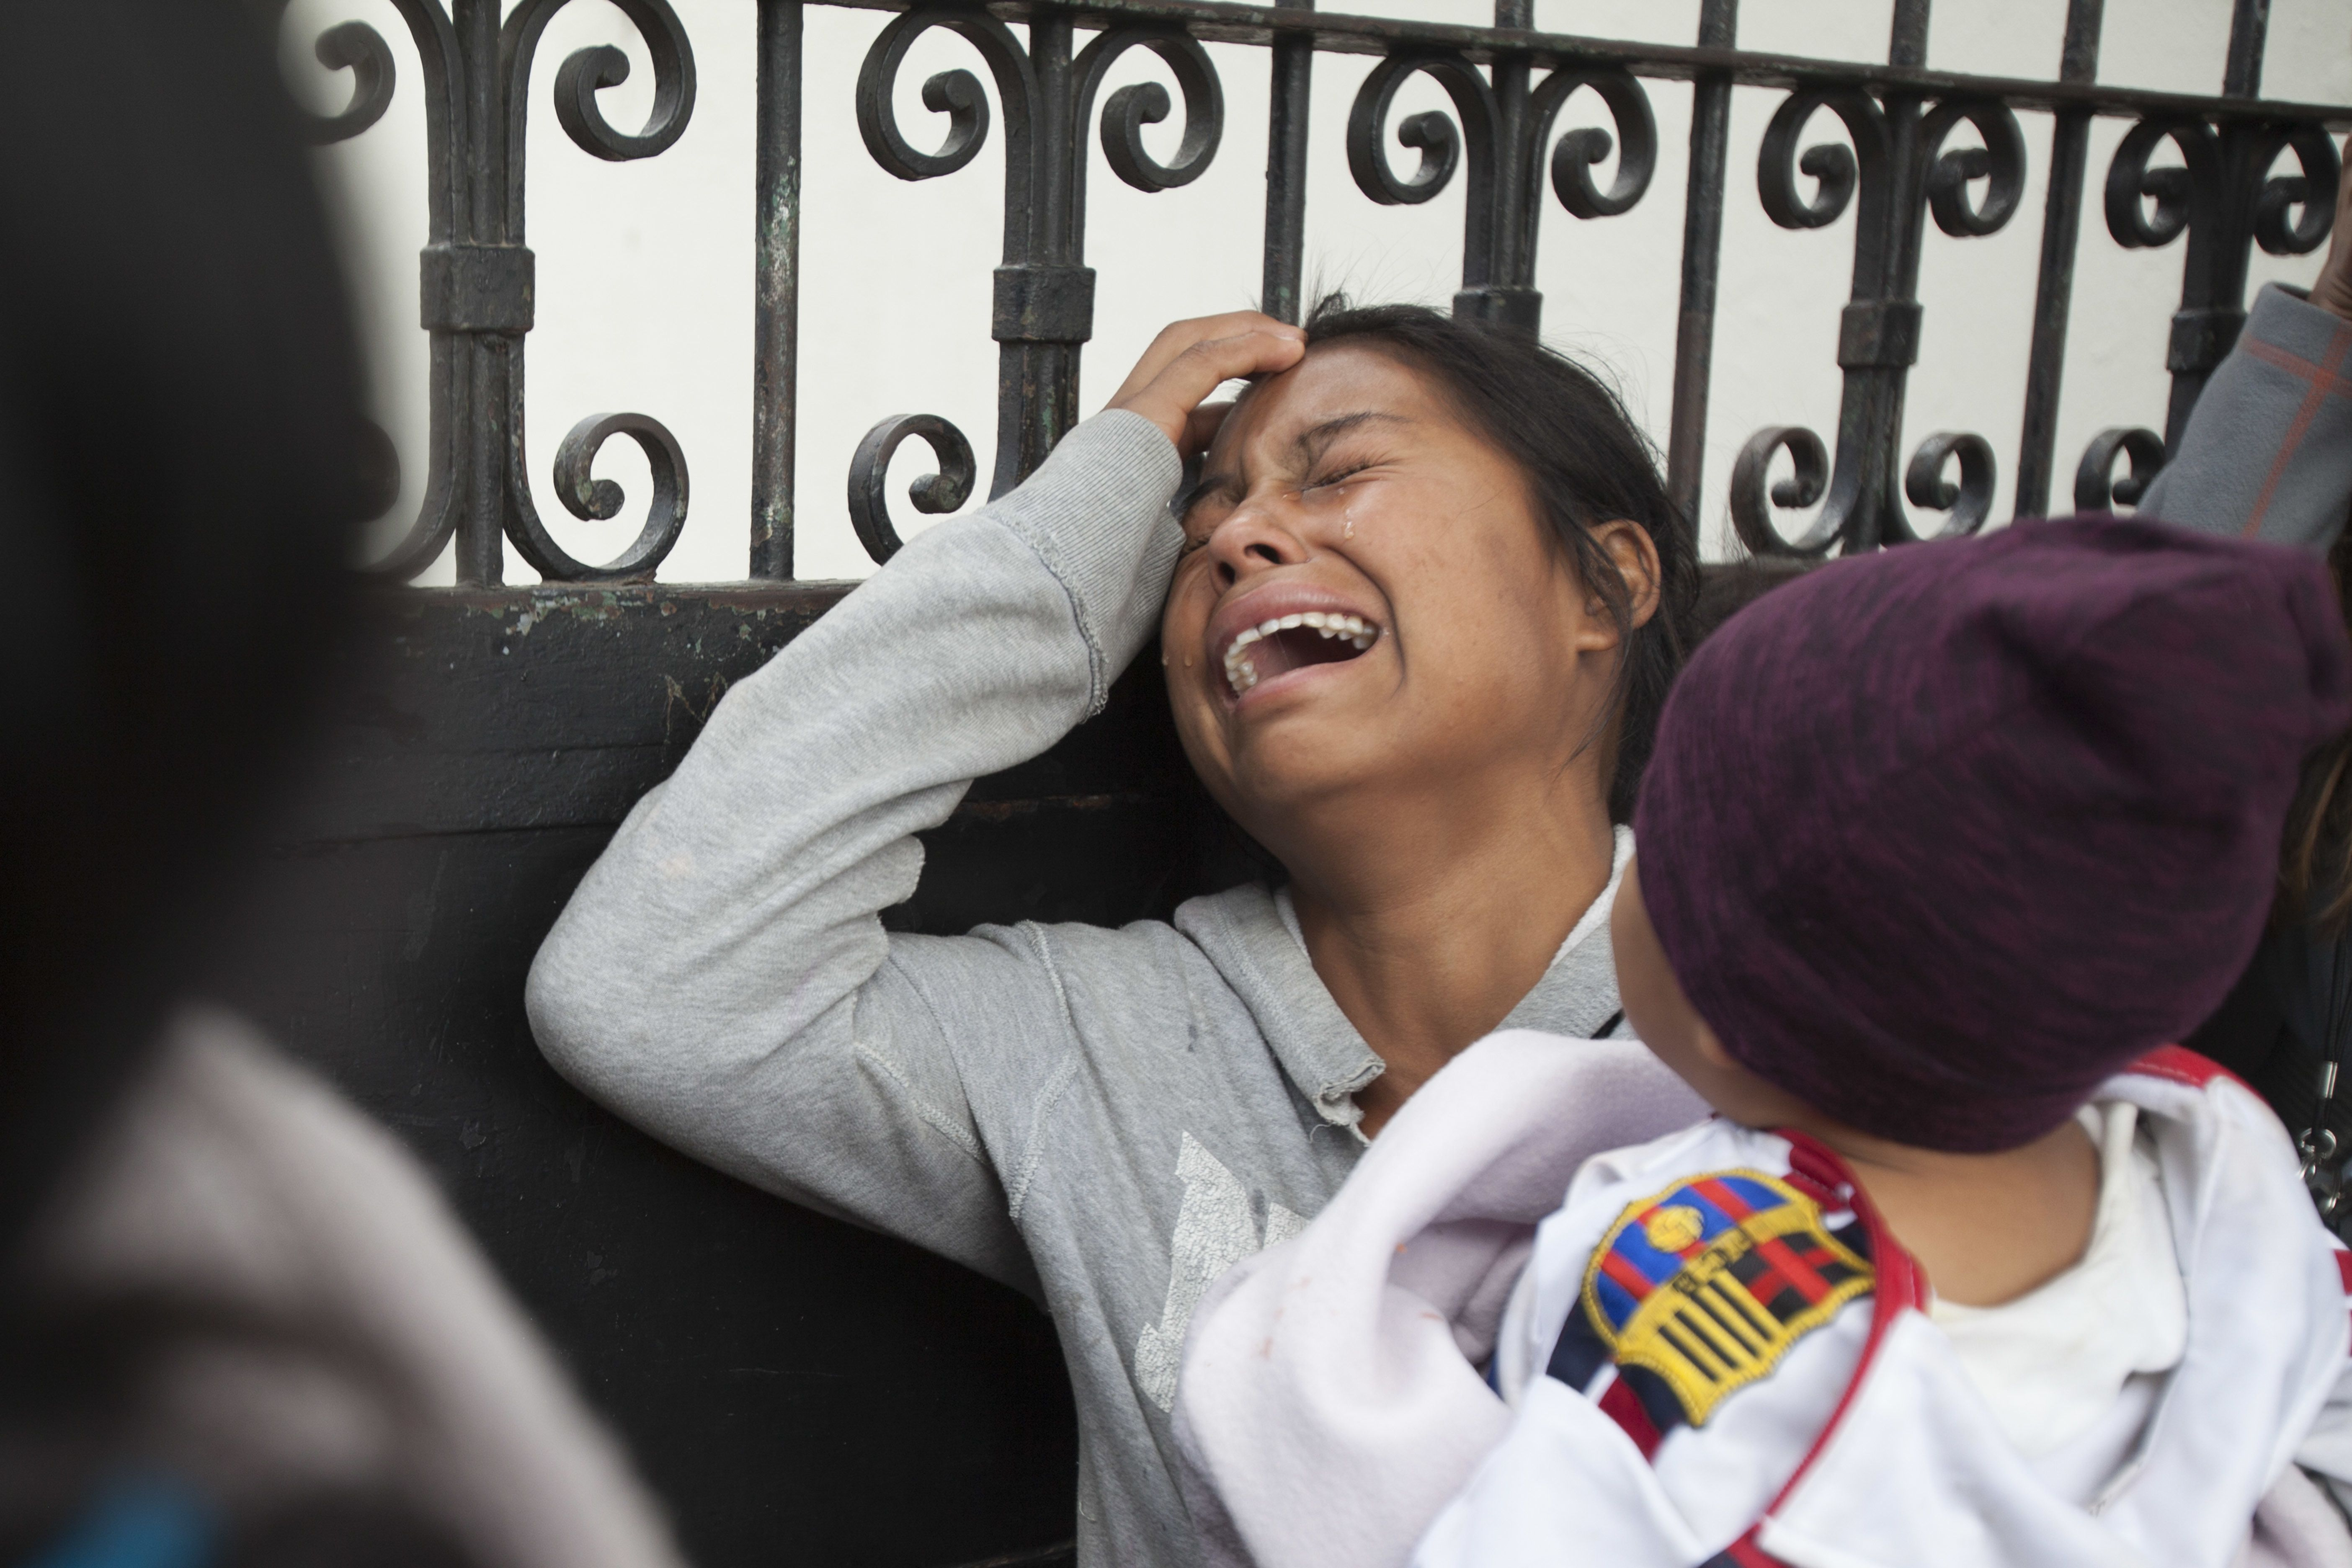 guatemala: sobrevivientes de incendio en riesgo dice ong